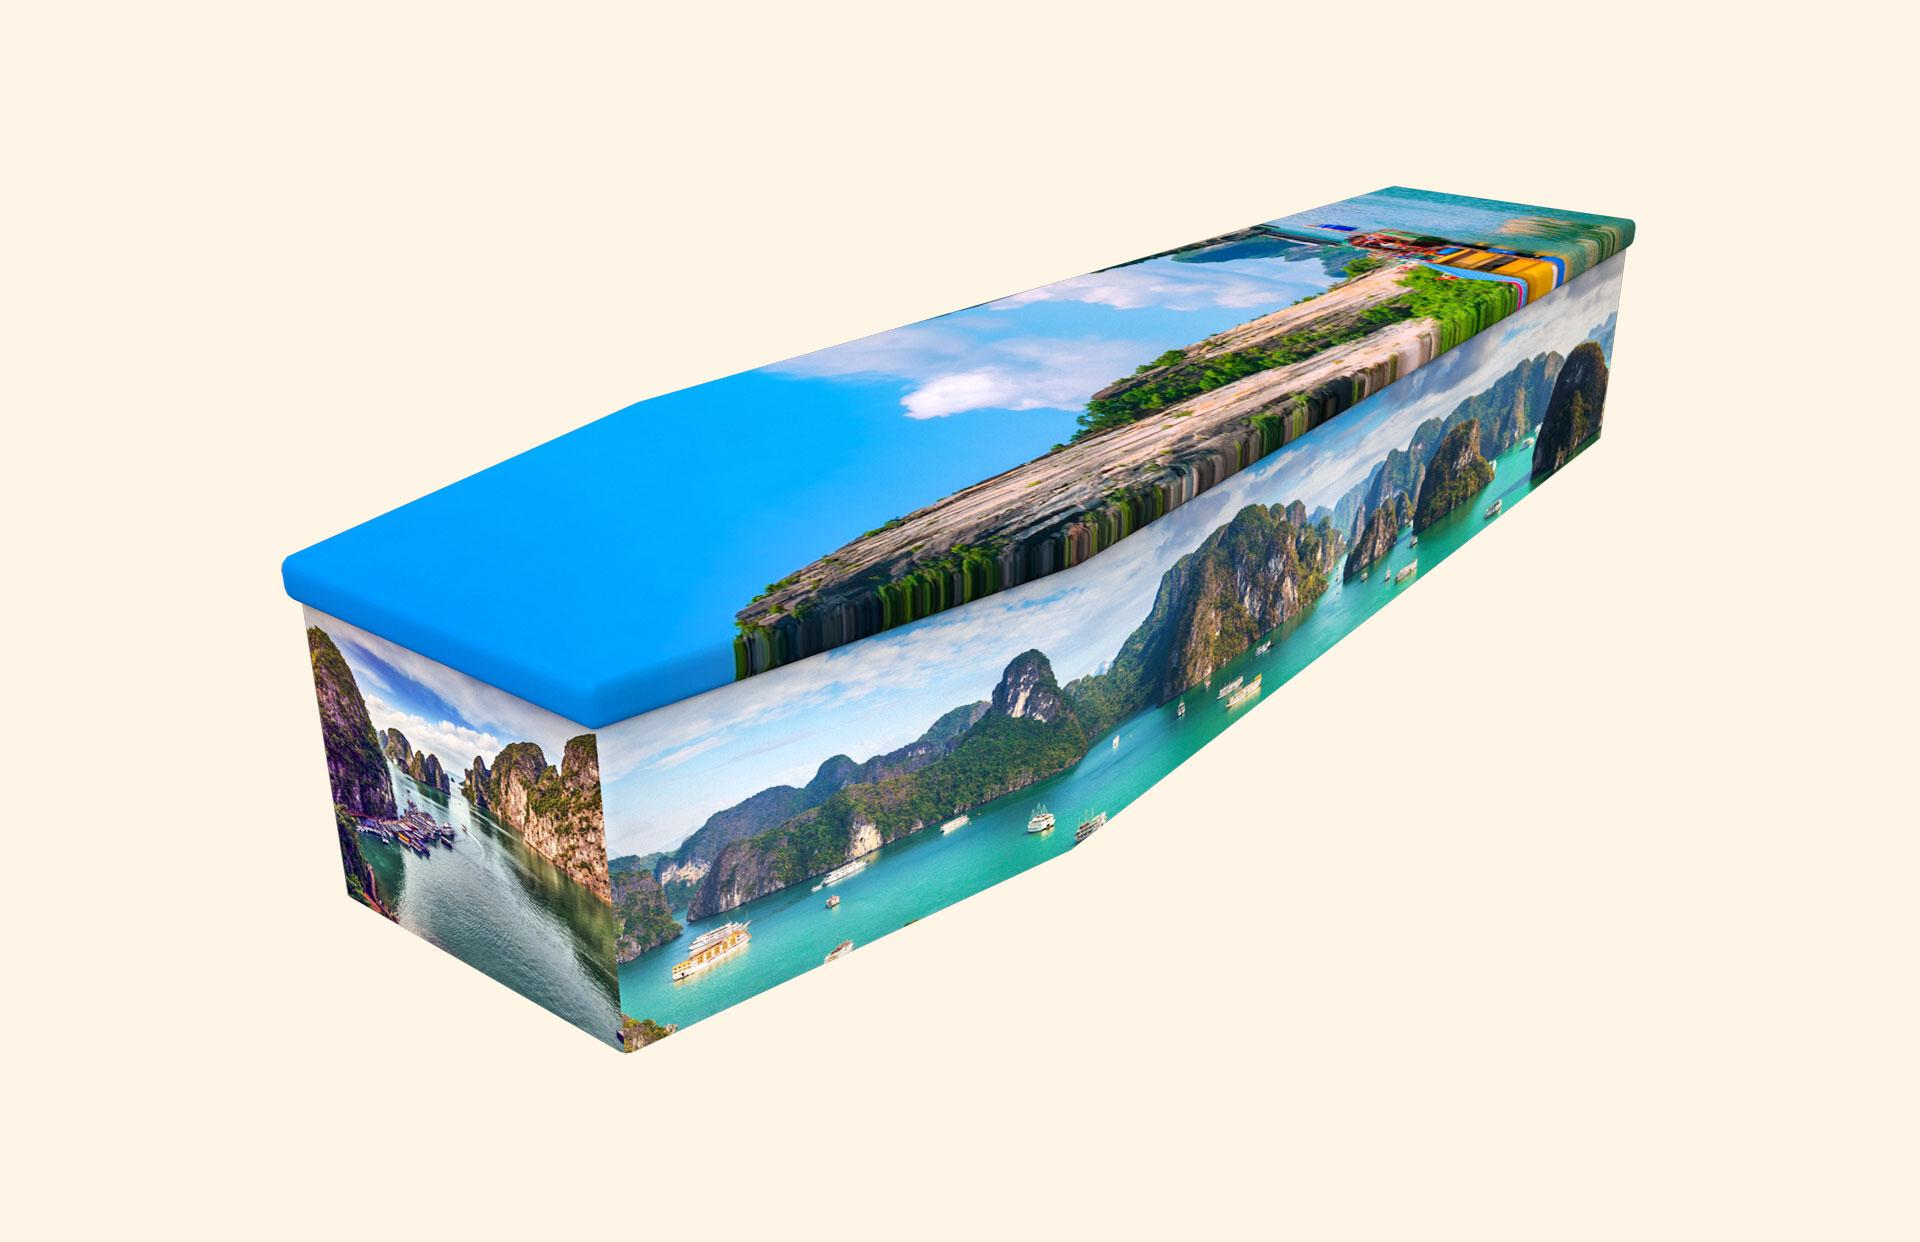 Ha Long Bay cardboard coffin